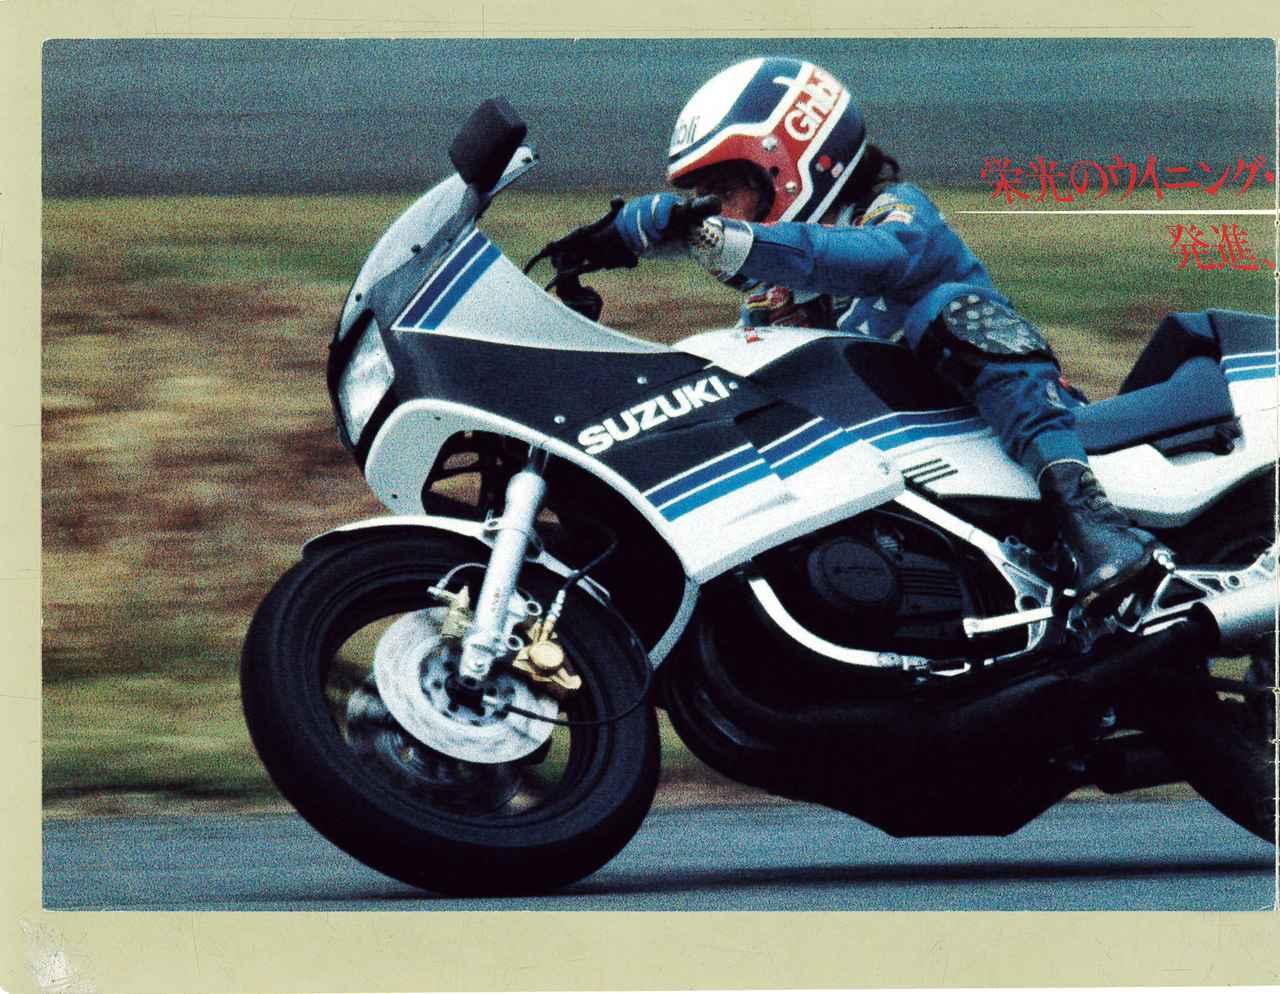 Images : 9番目の画像 - RG250Γの写真をまとめて見る - webオートバイ